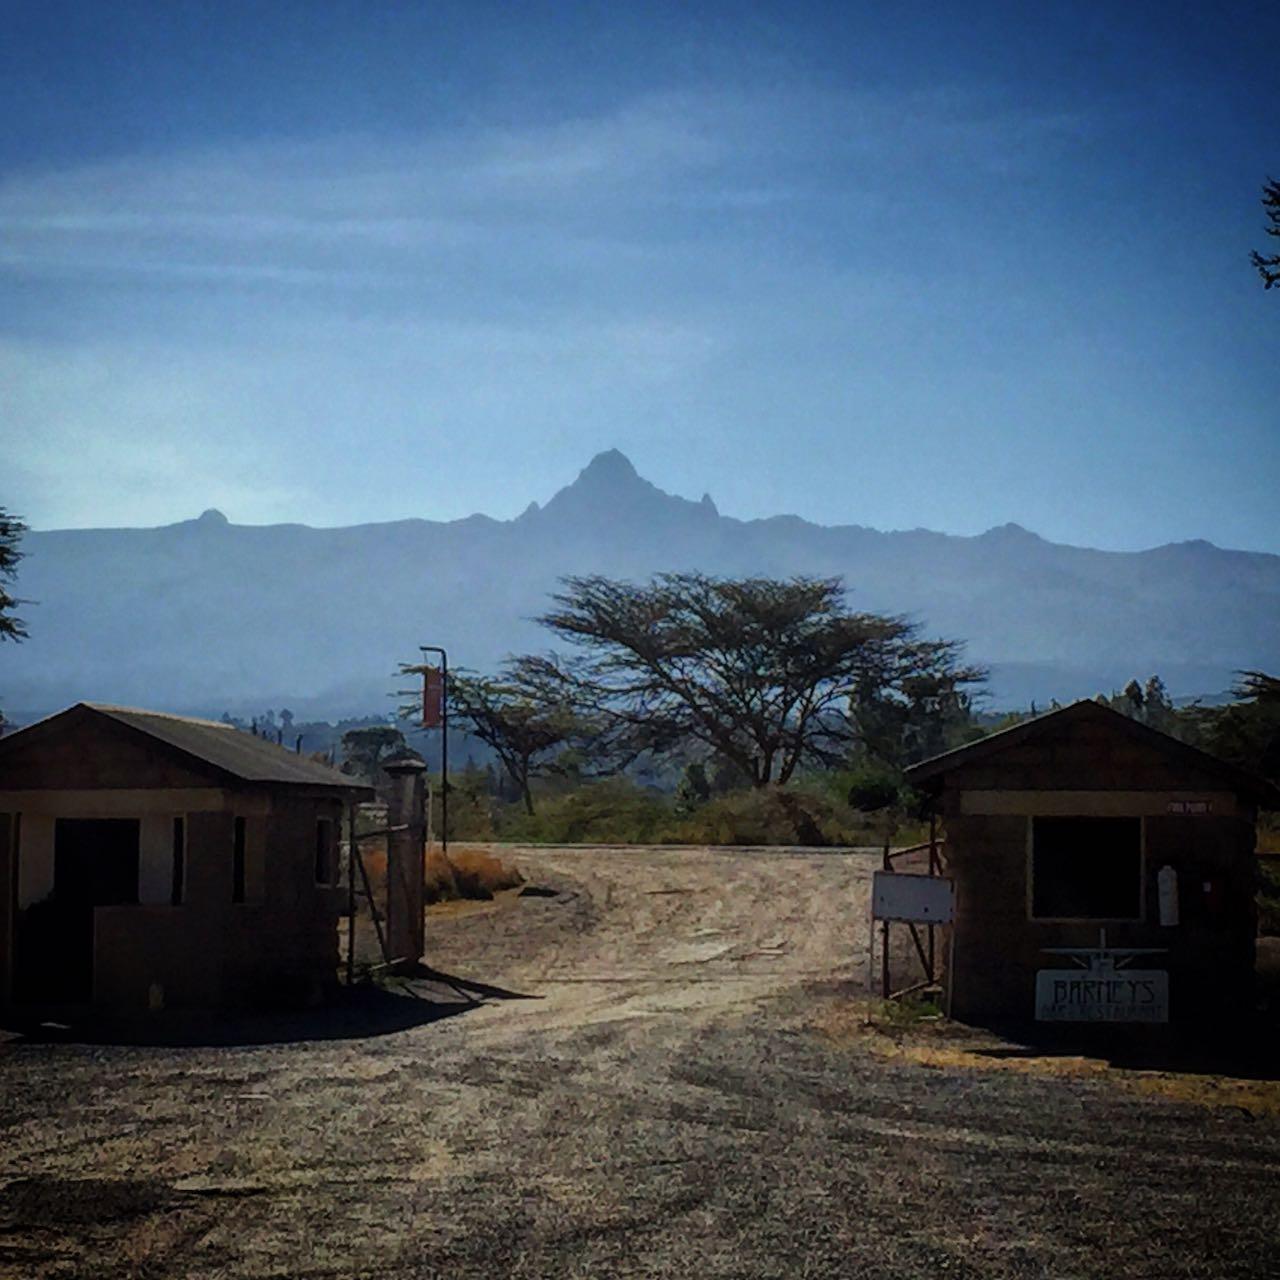 Mount Kenyu